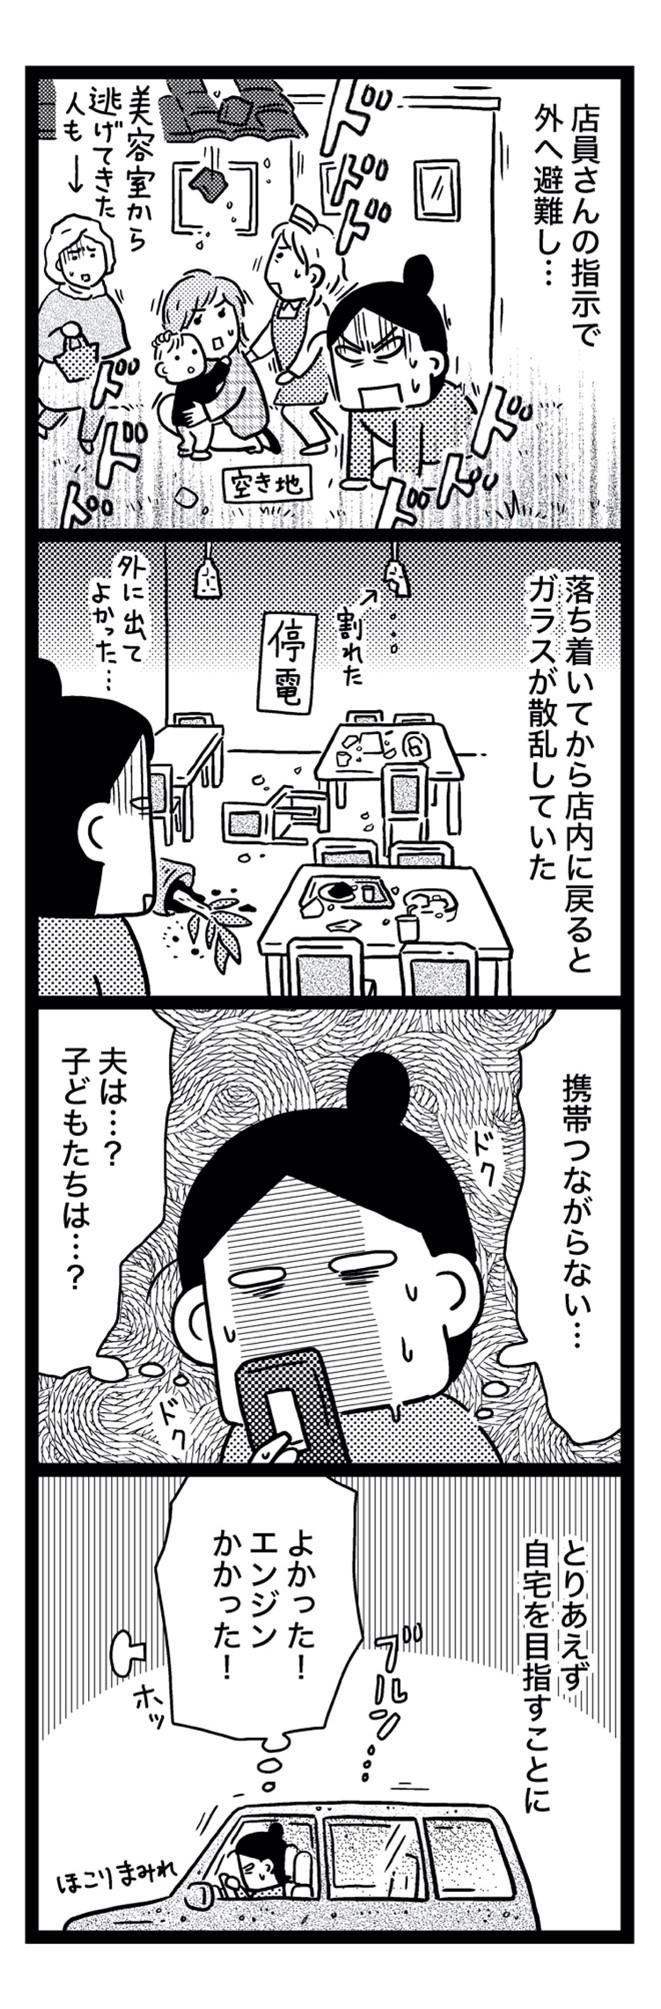 sinsai1-2